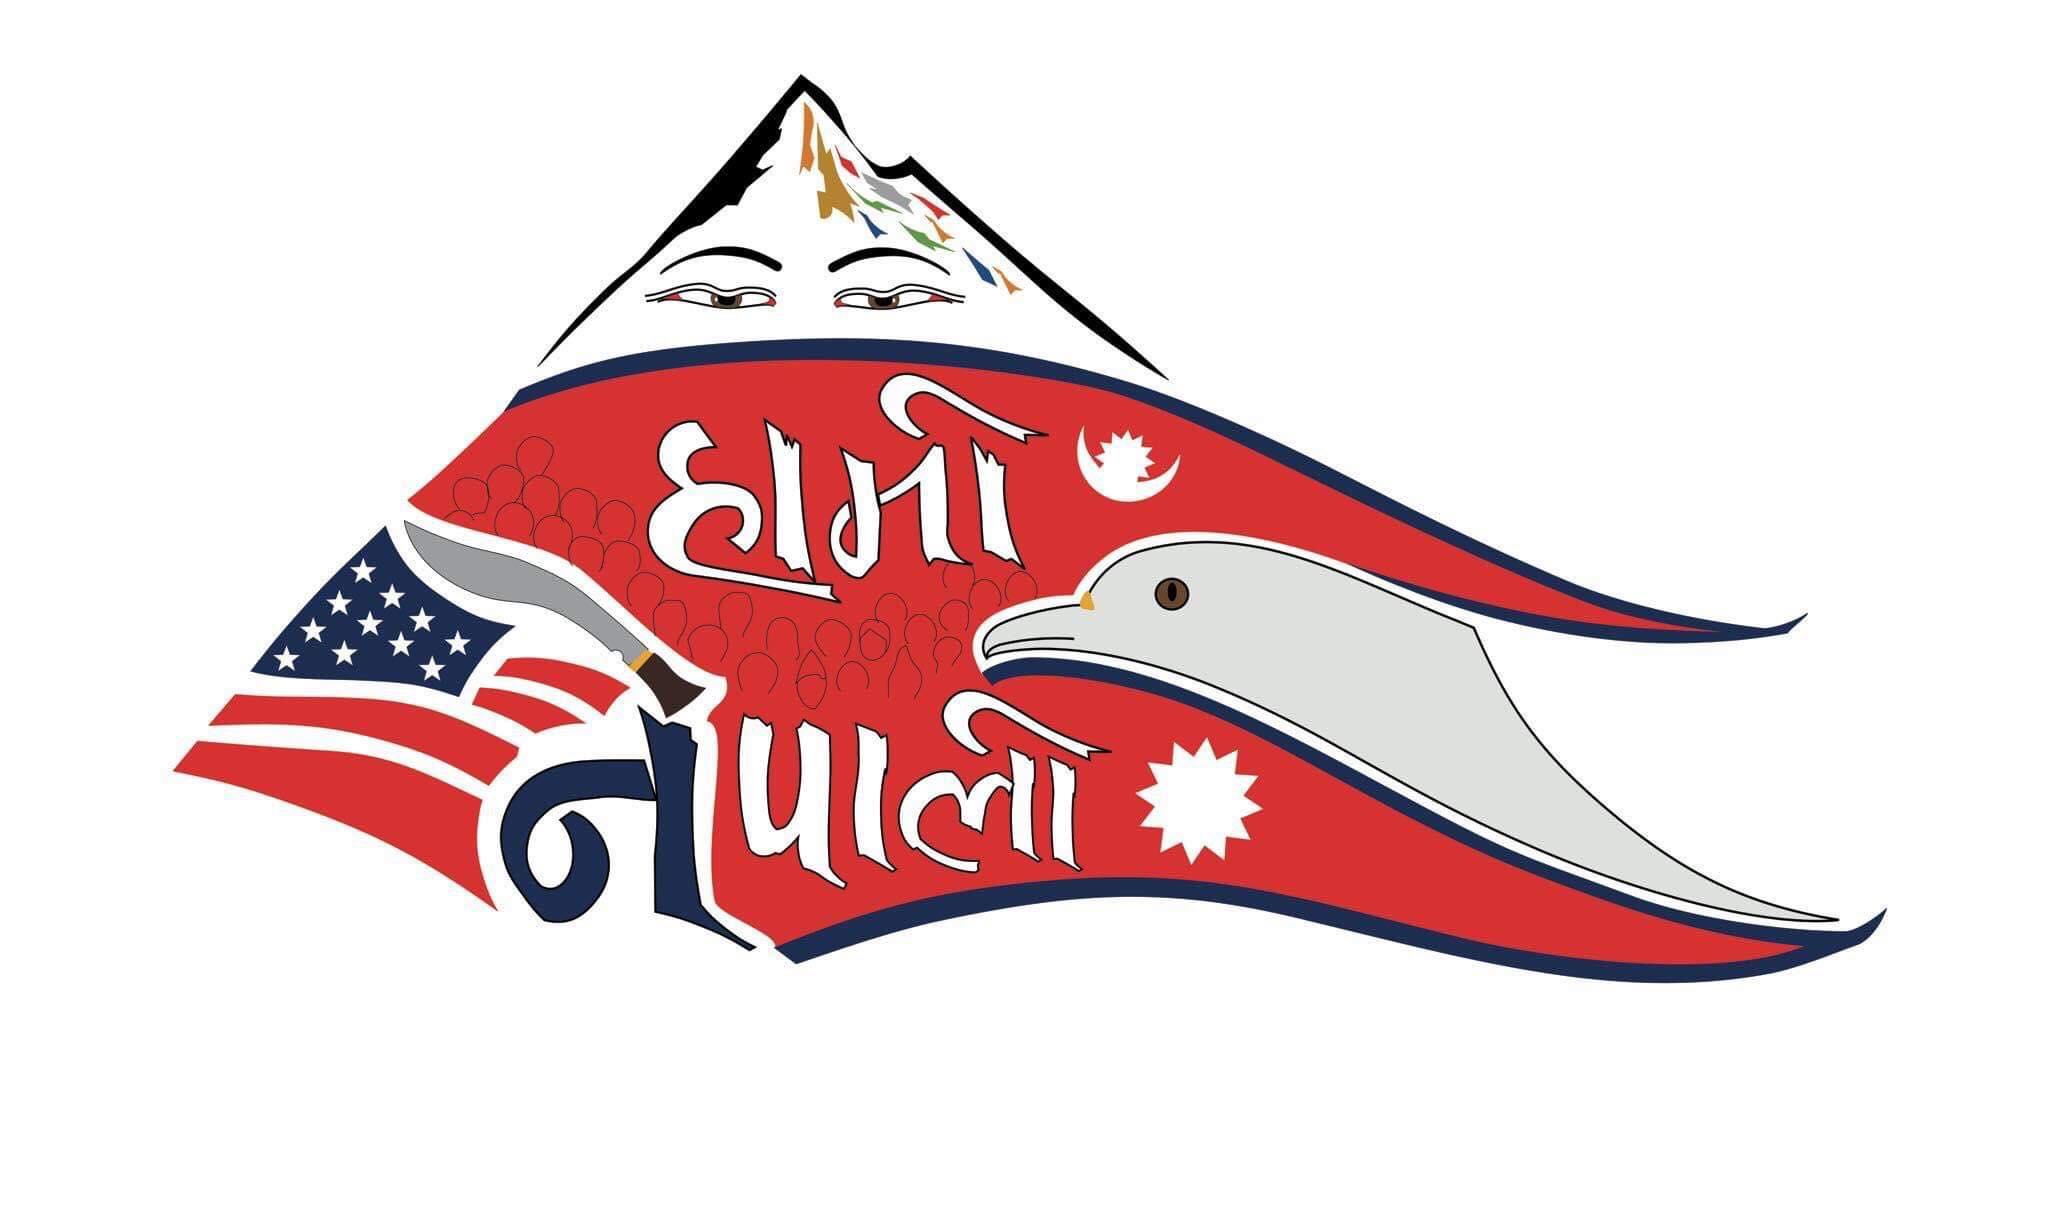 क्यालिफोर्नियामा नेपाल भ्रमण वर्ष २०२० लक्षित 'हामी नेपाली परेड' हुँदै